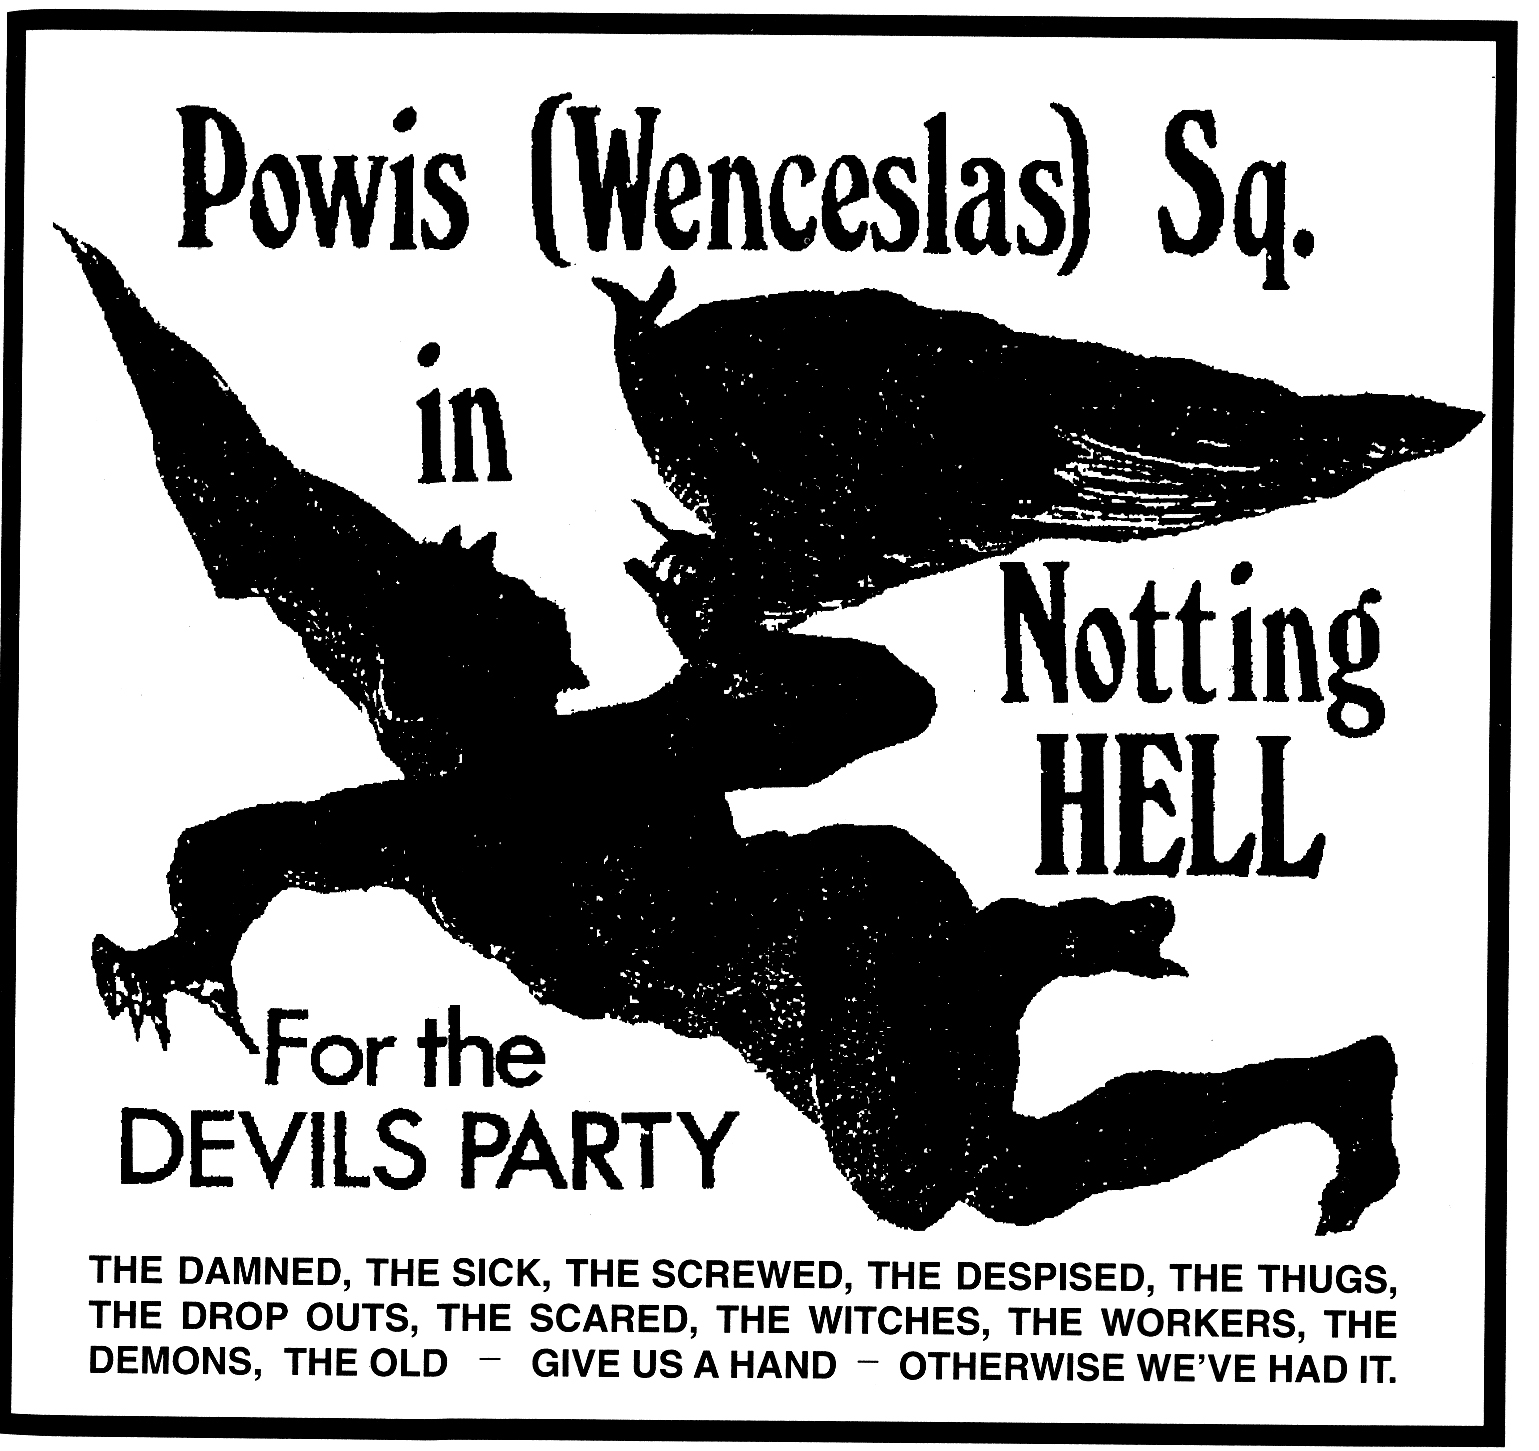 Notting Hell! Flyer de la okupación de Powis square por King Mob